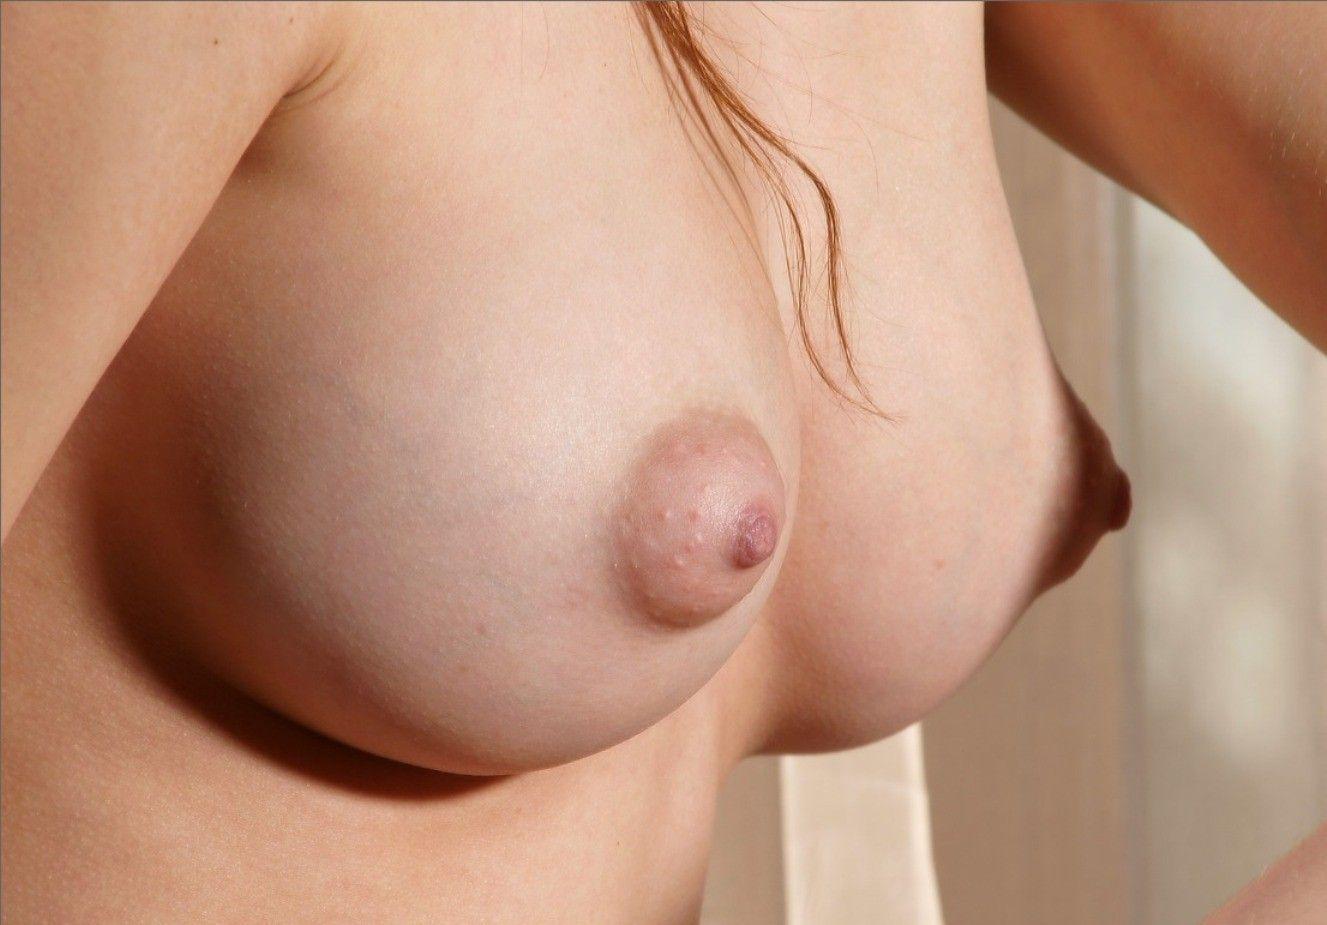 【乳首フェチエロ画像】ピンクの先っちょにチンポがビンビン!乳首にはね、男のロマンが詰まってるんですよwww その4